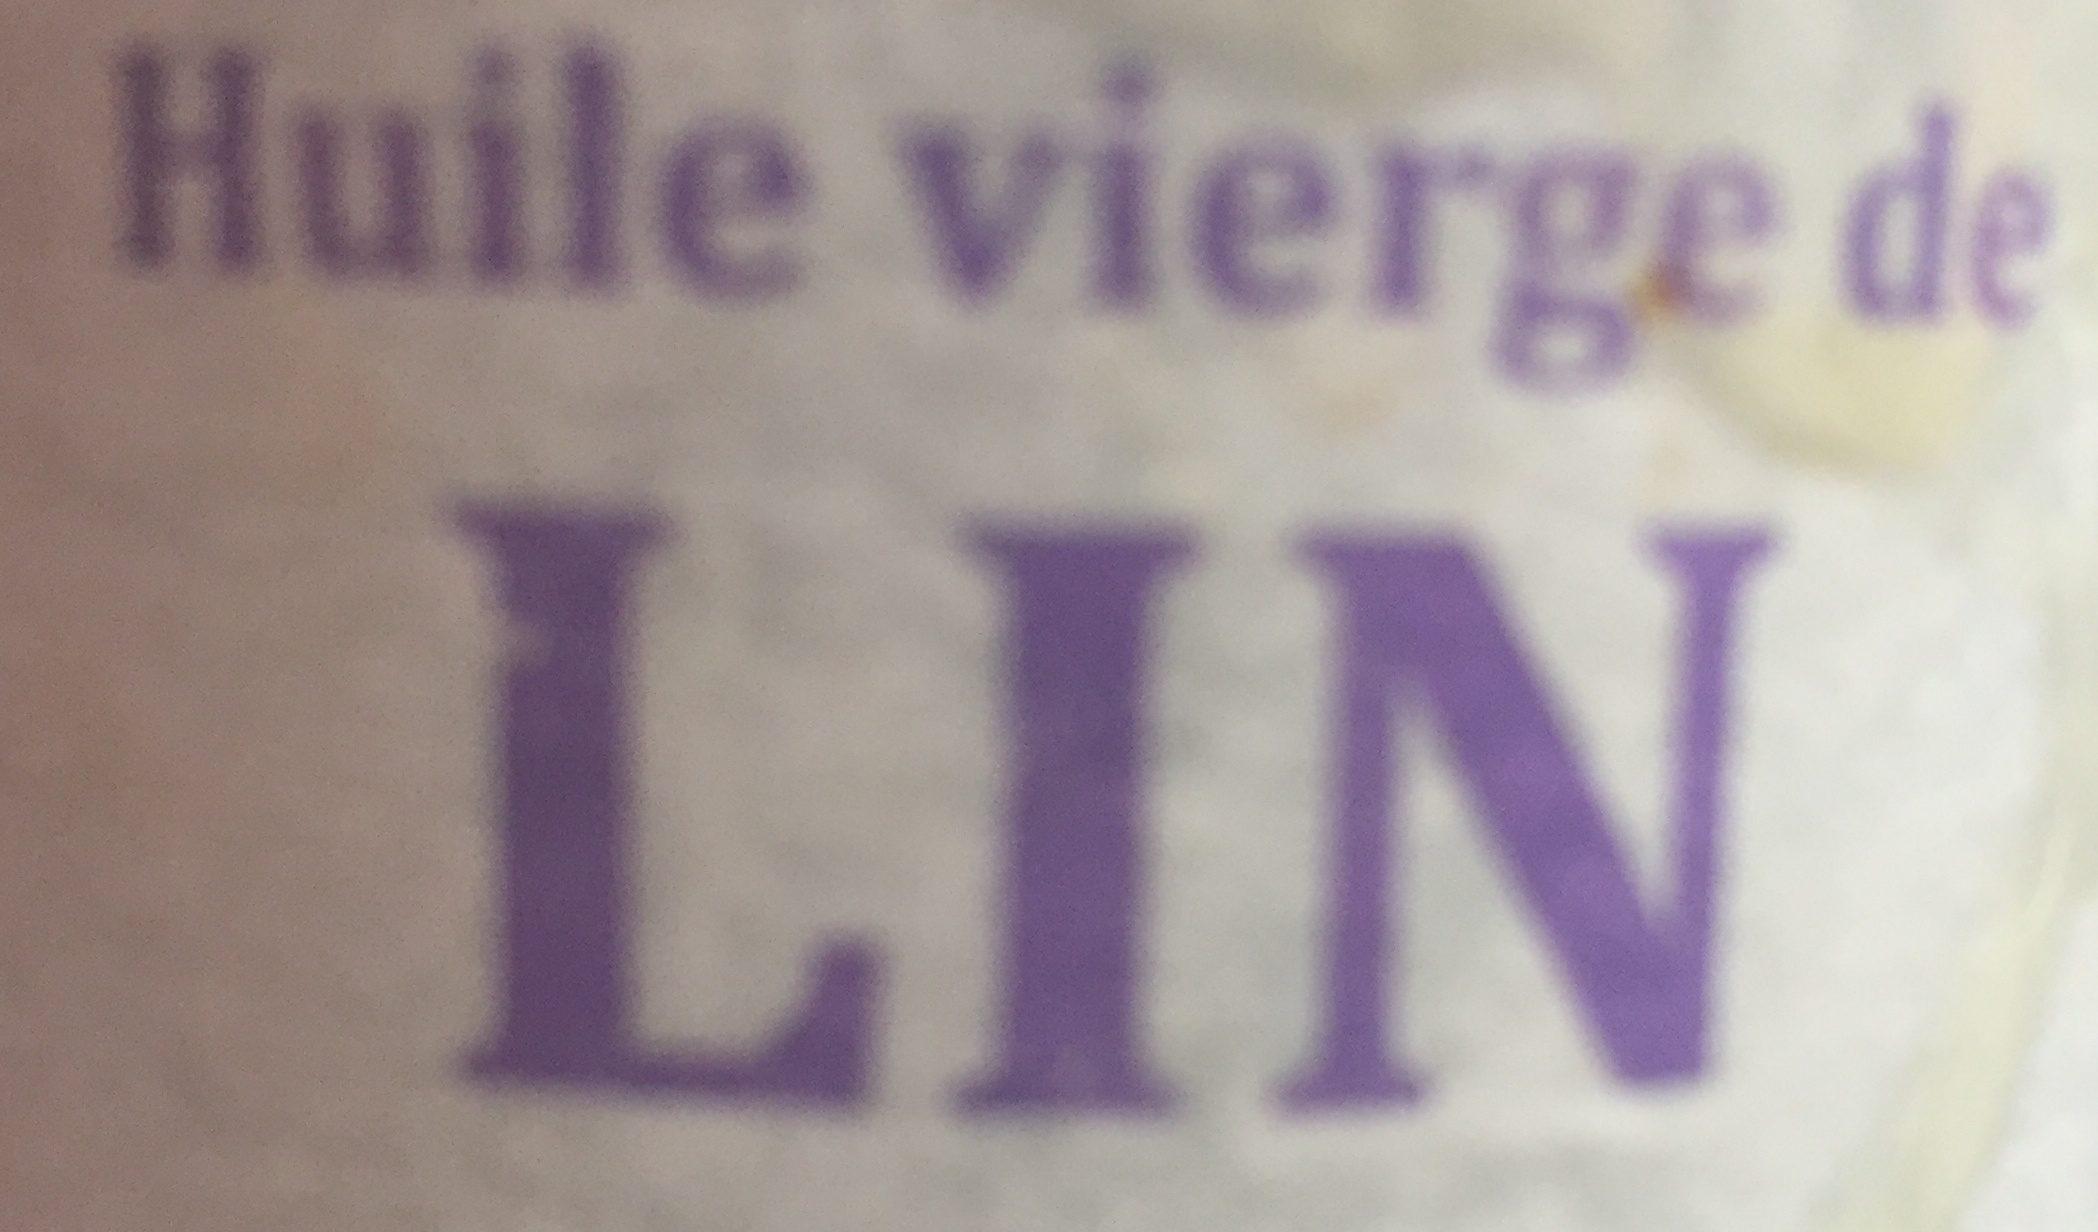 HUILE VIERGE DE LIN BIO - Ingrédients - fr